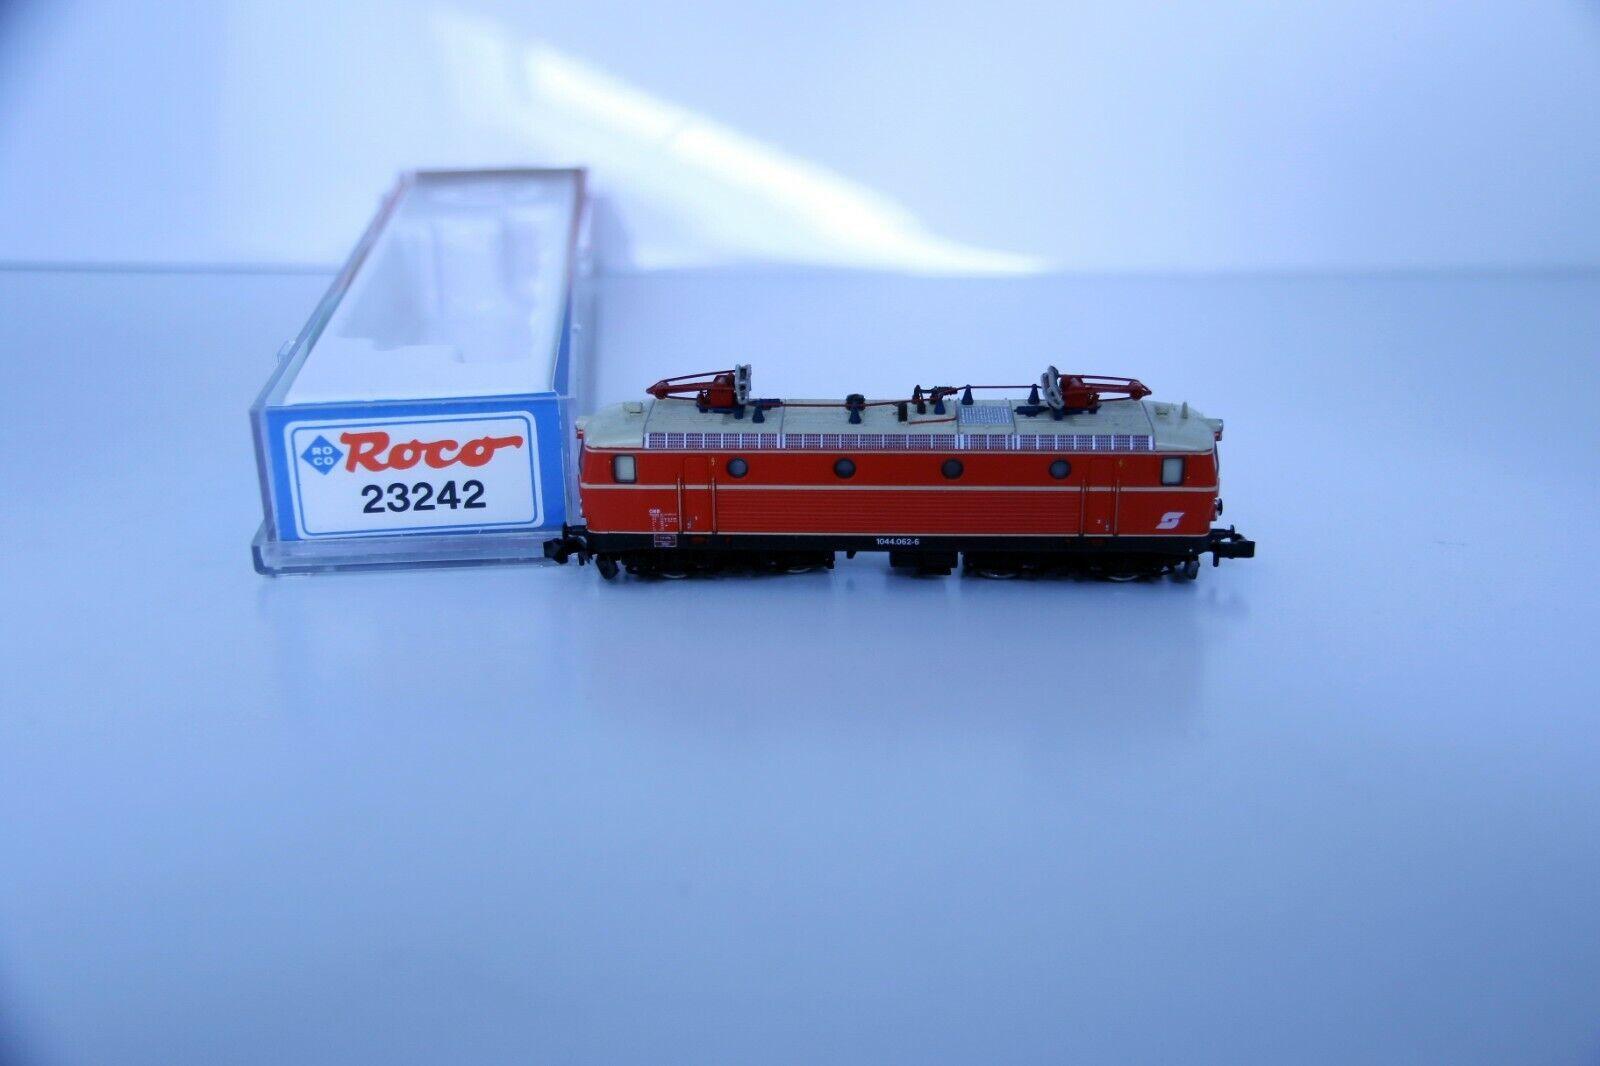 più preferenziale ROCO Spur N 23242 E-Lok BR 1044.062-6 DELLE DELLE DELLE OBB IN SCATOLA ORIGINALE (rc1042)  garanzia di credito